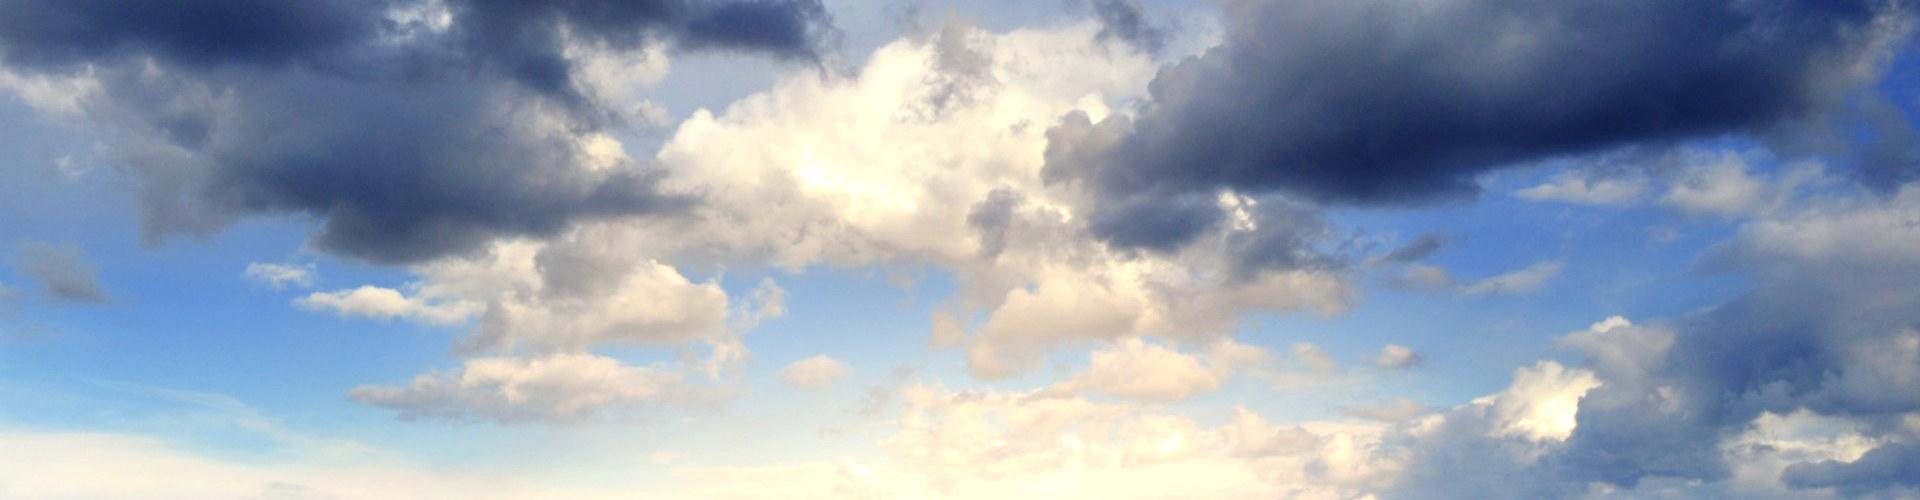 clouds-slider